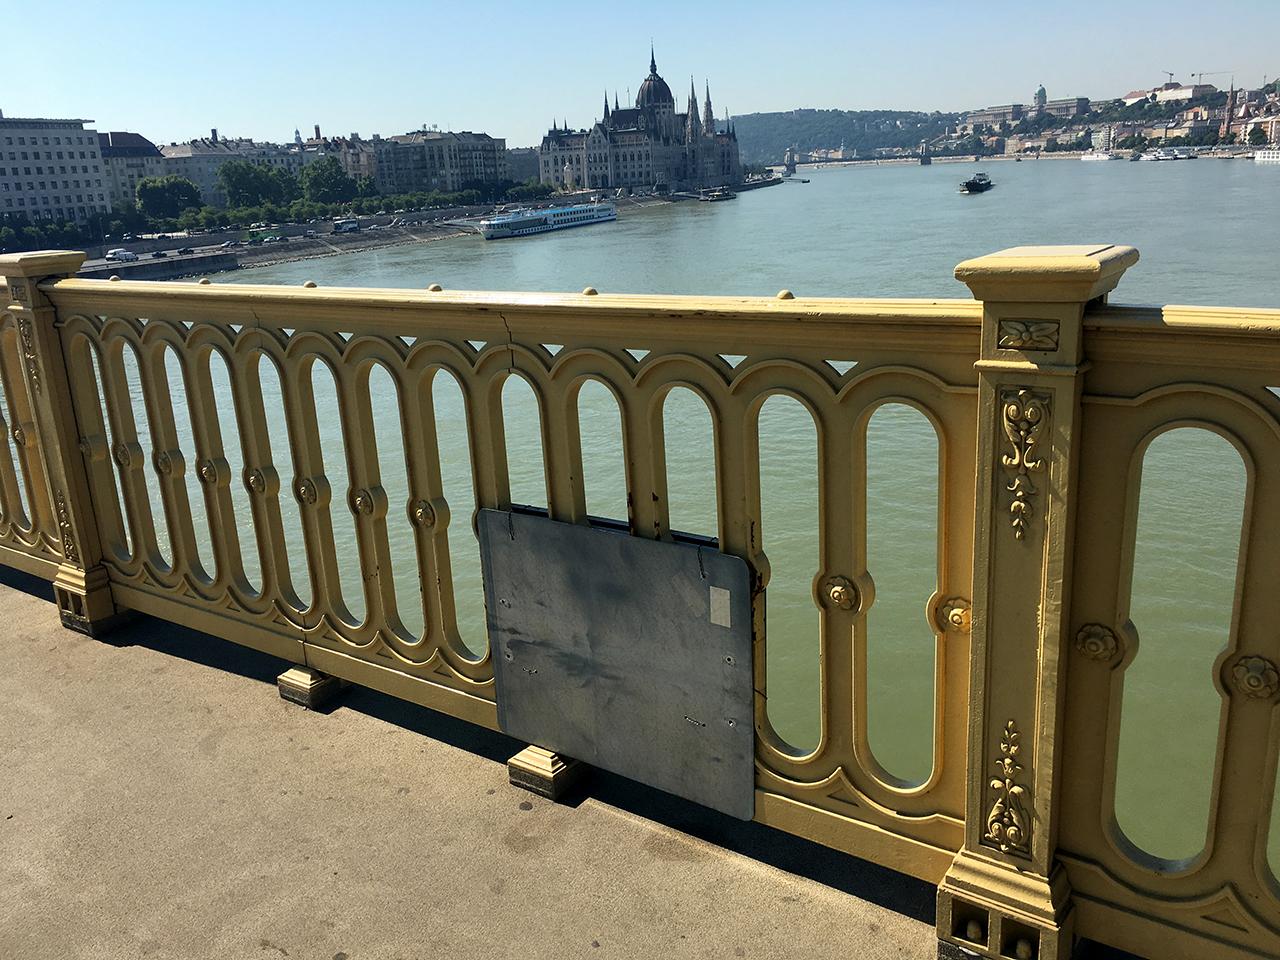 Az egész világon egyedülálló, kézműves mestermegoldással sikerült pótolni a Margit híd korlátjának hiányzó darabját